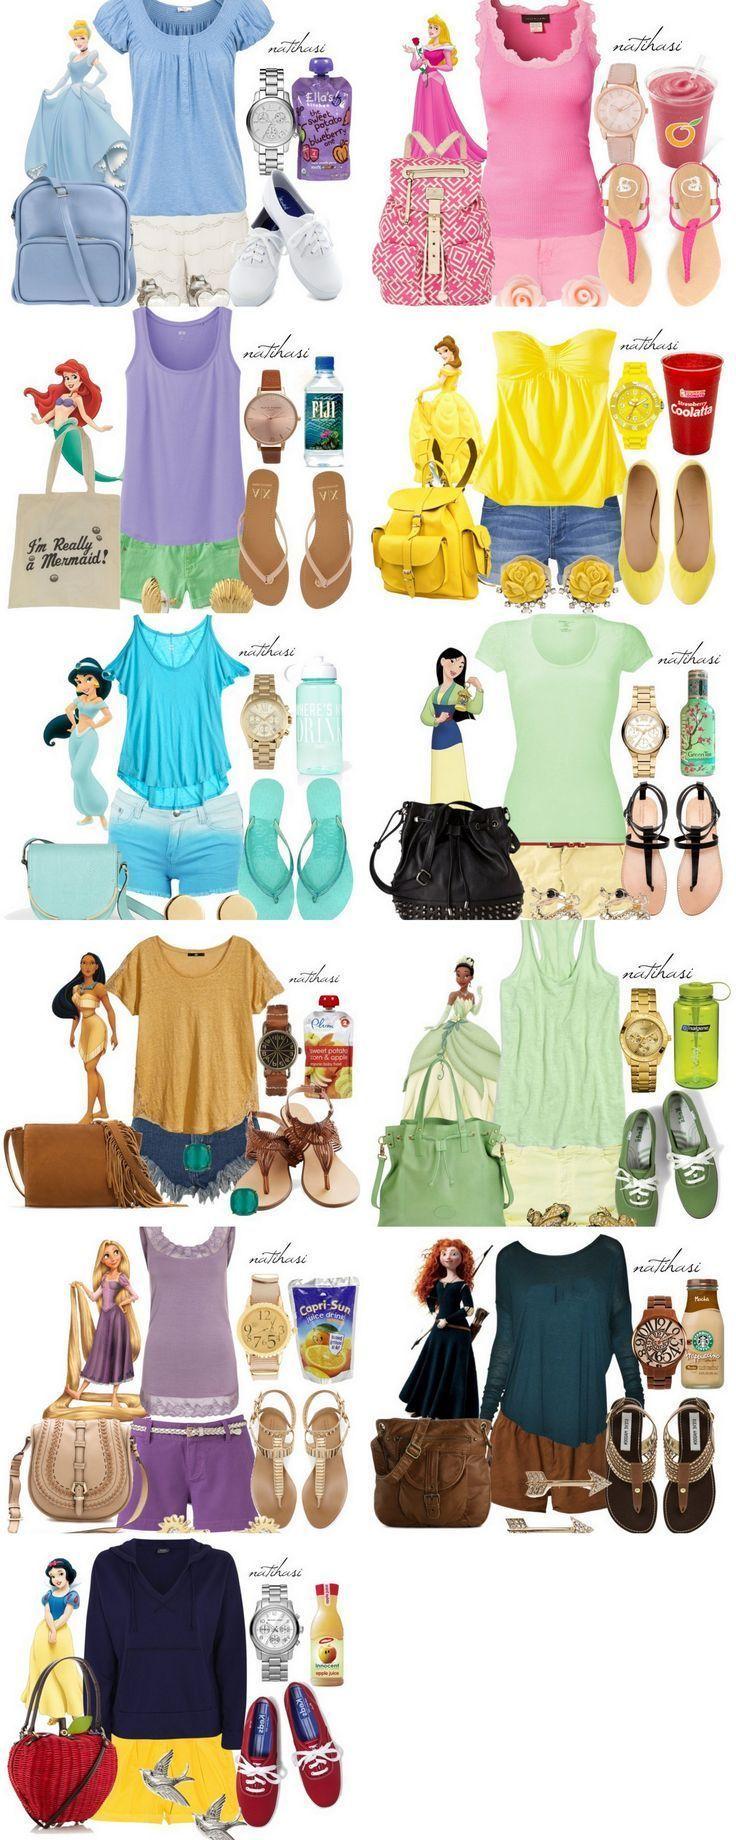 ディズニーファッションおしゃれまとめの人気アイデア